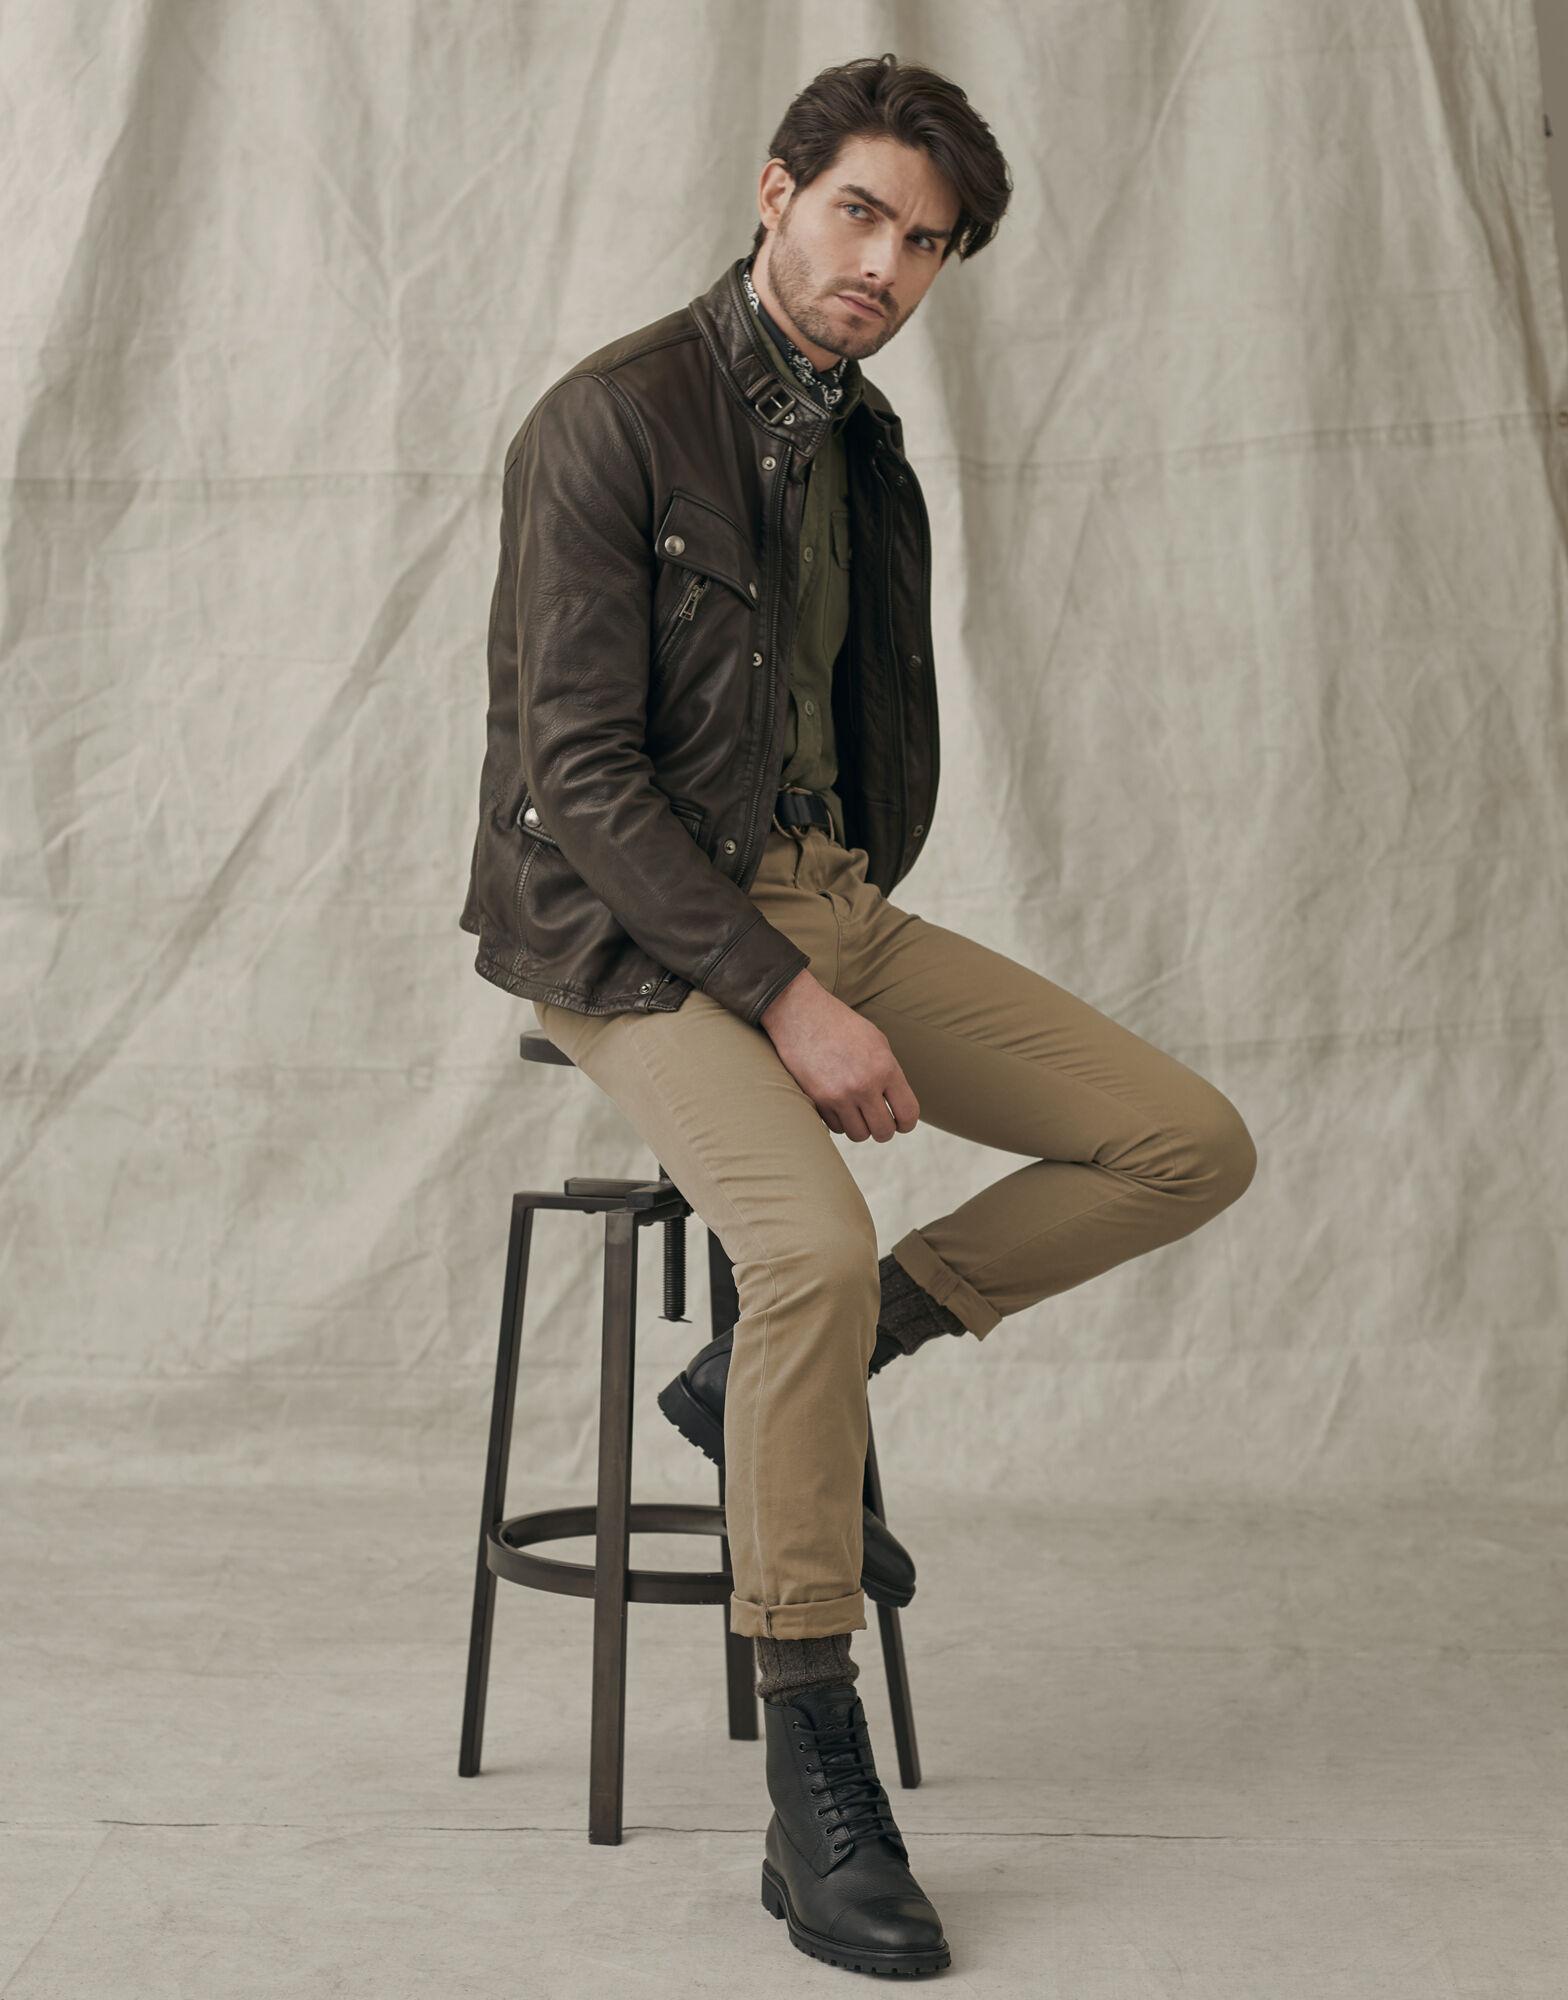 BELSTAFF Mens Denesmere leather Jacket (Black) £399.99 + £4.99 delivery @ sportpursuit